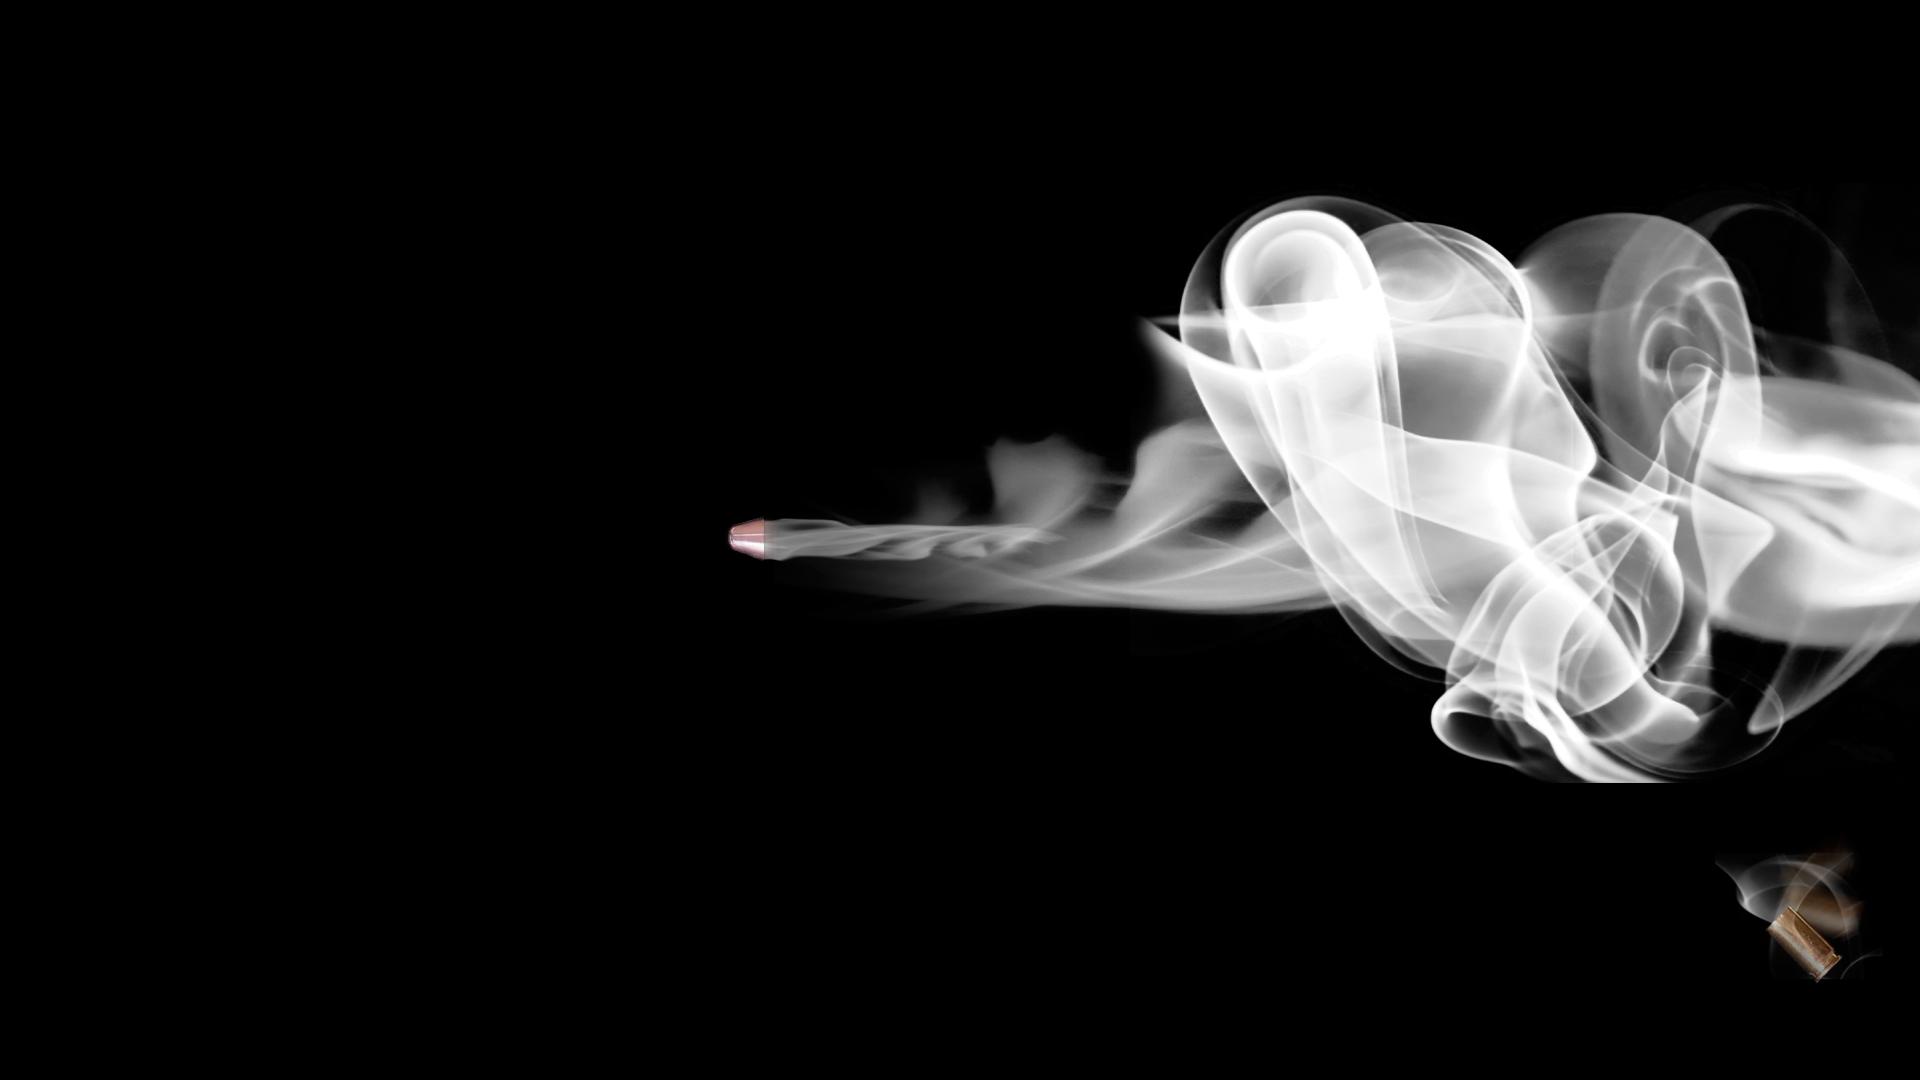 Smoke Wallpaper 236986